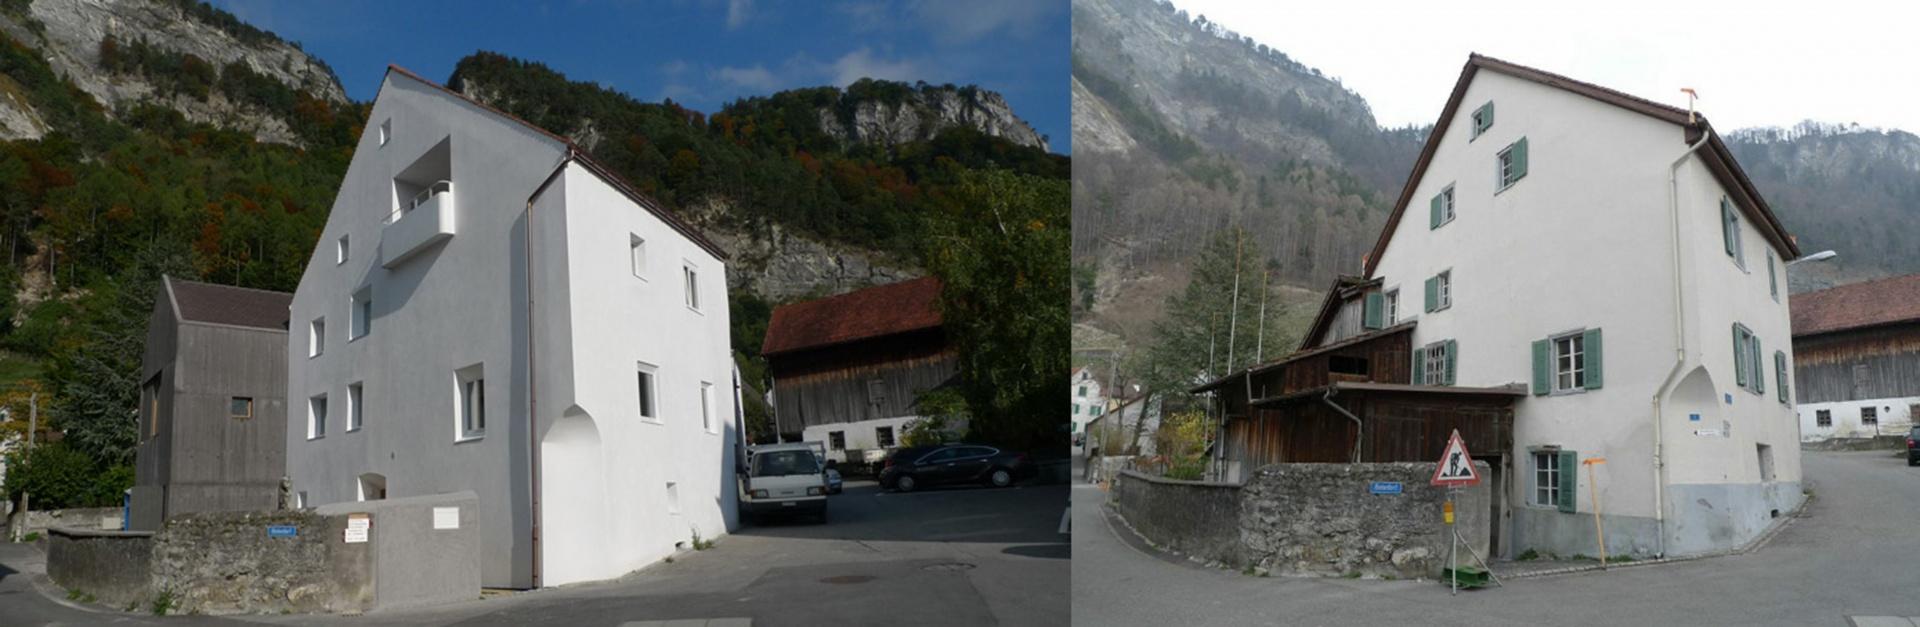 Vergleich vorher/nachher © Franziska Eggenberger und Michael Mader